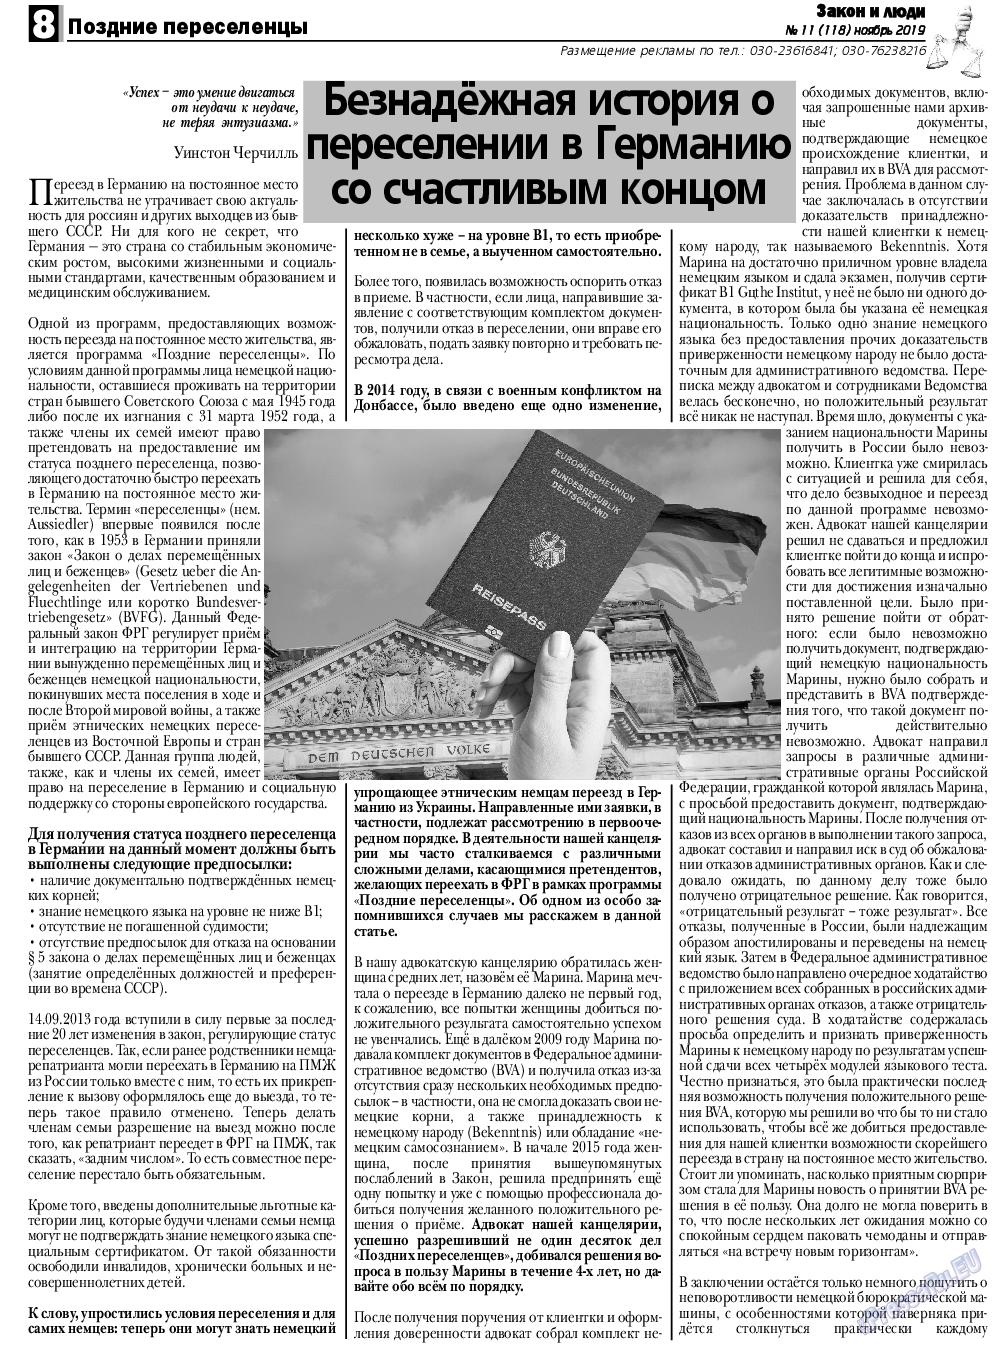 Закон и люди (газета). 2019 год, номер 11, стр. 8